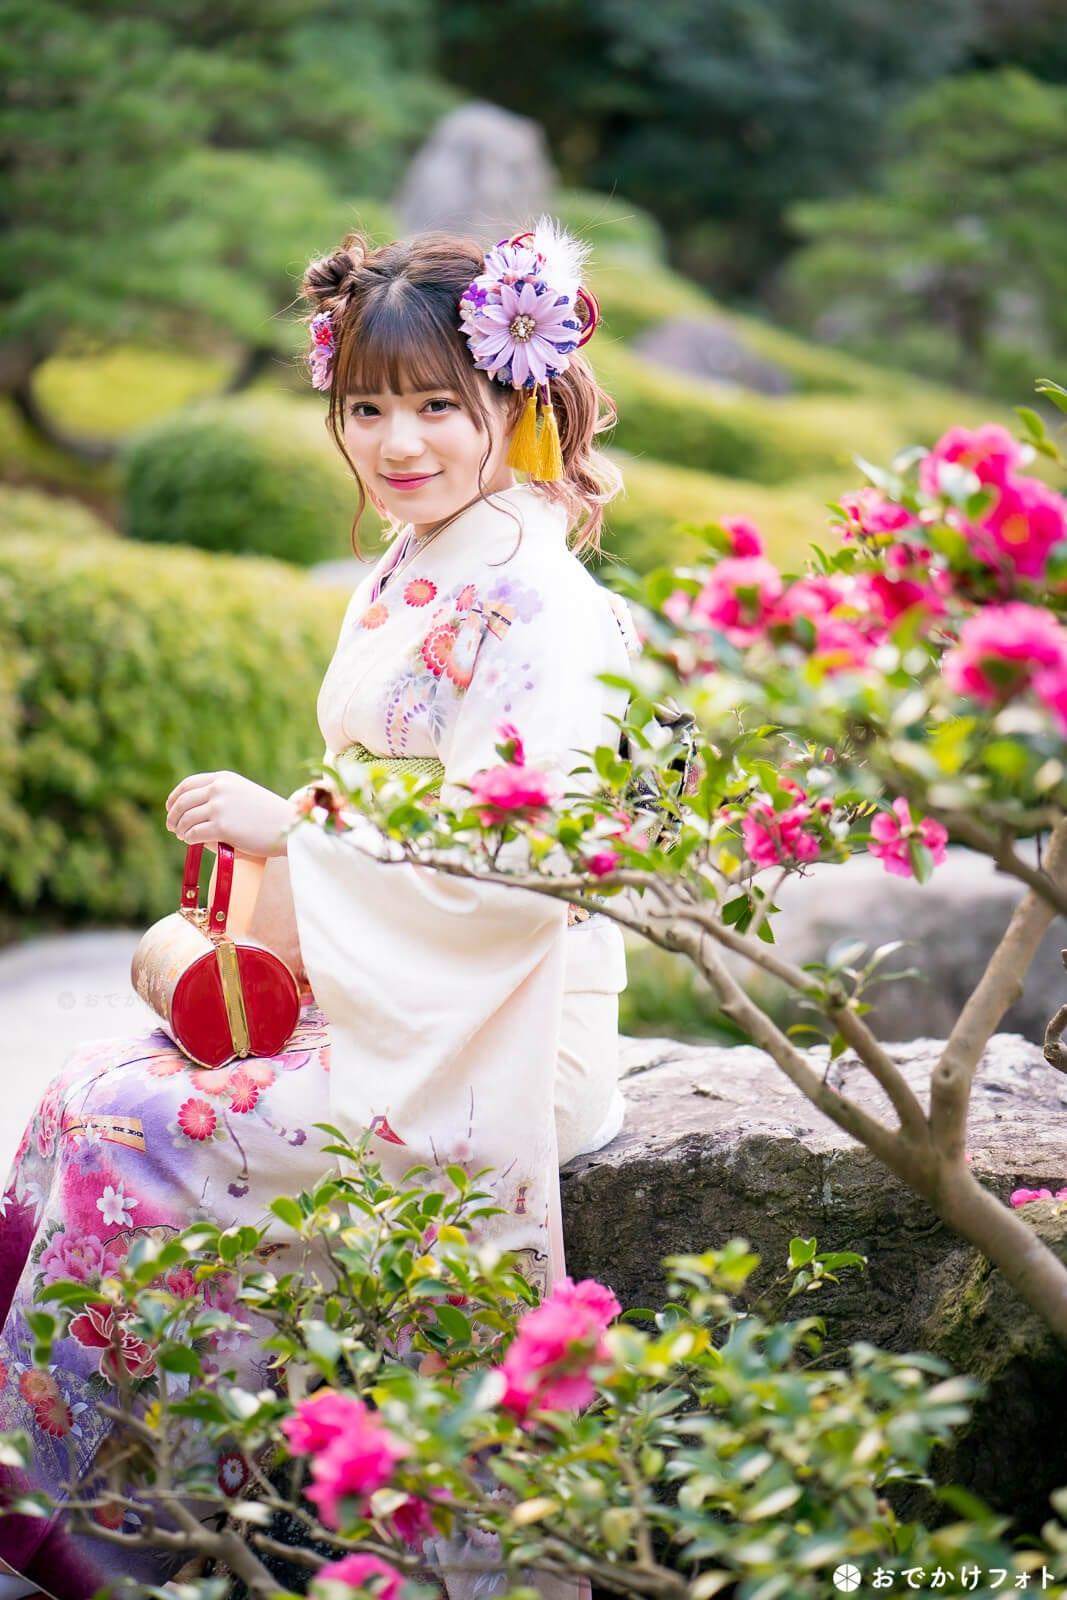 福岡市大濠公園日本庭園で成人式のロケーション前撮り